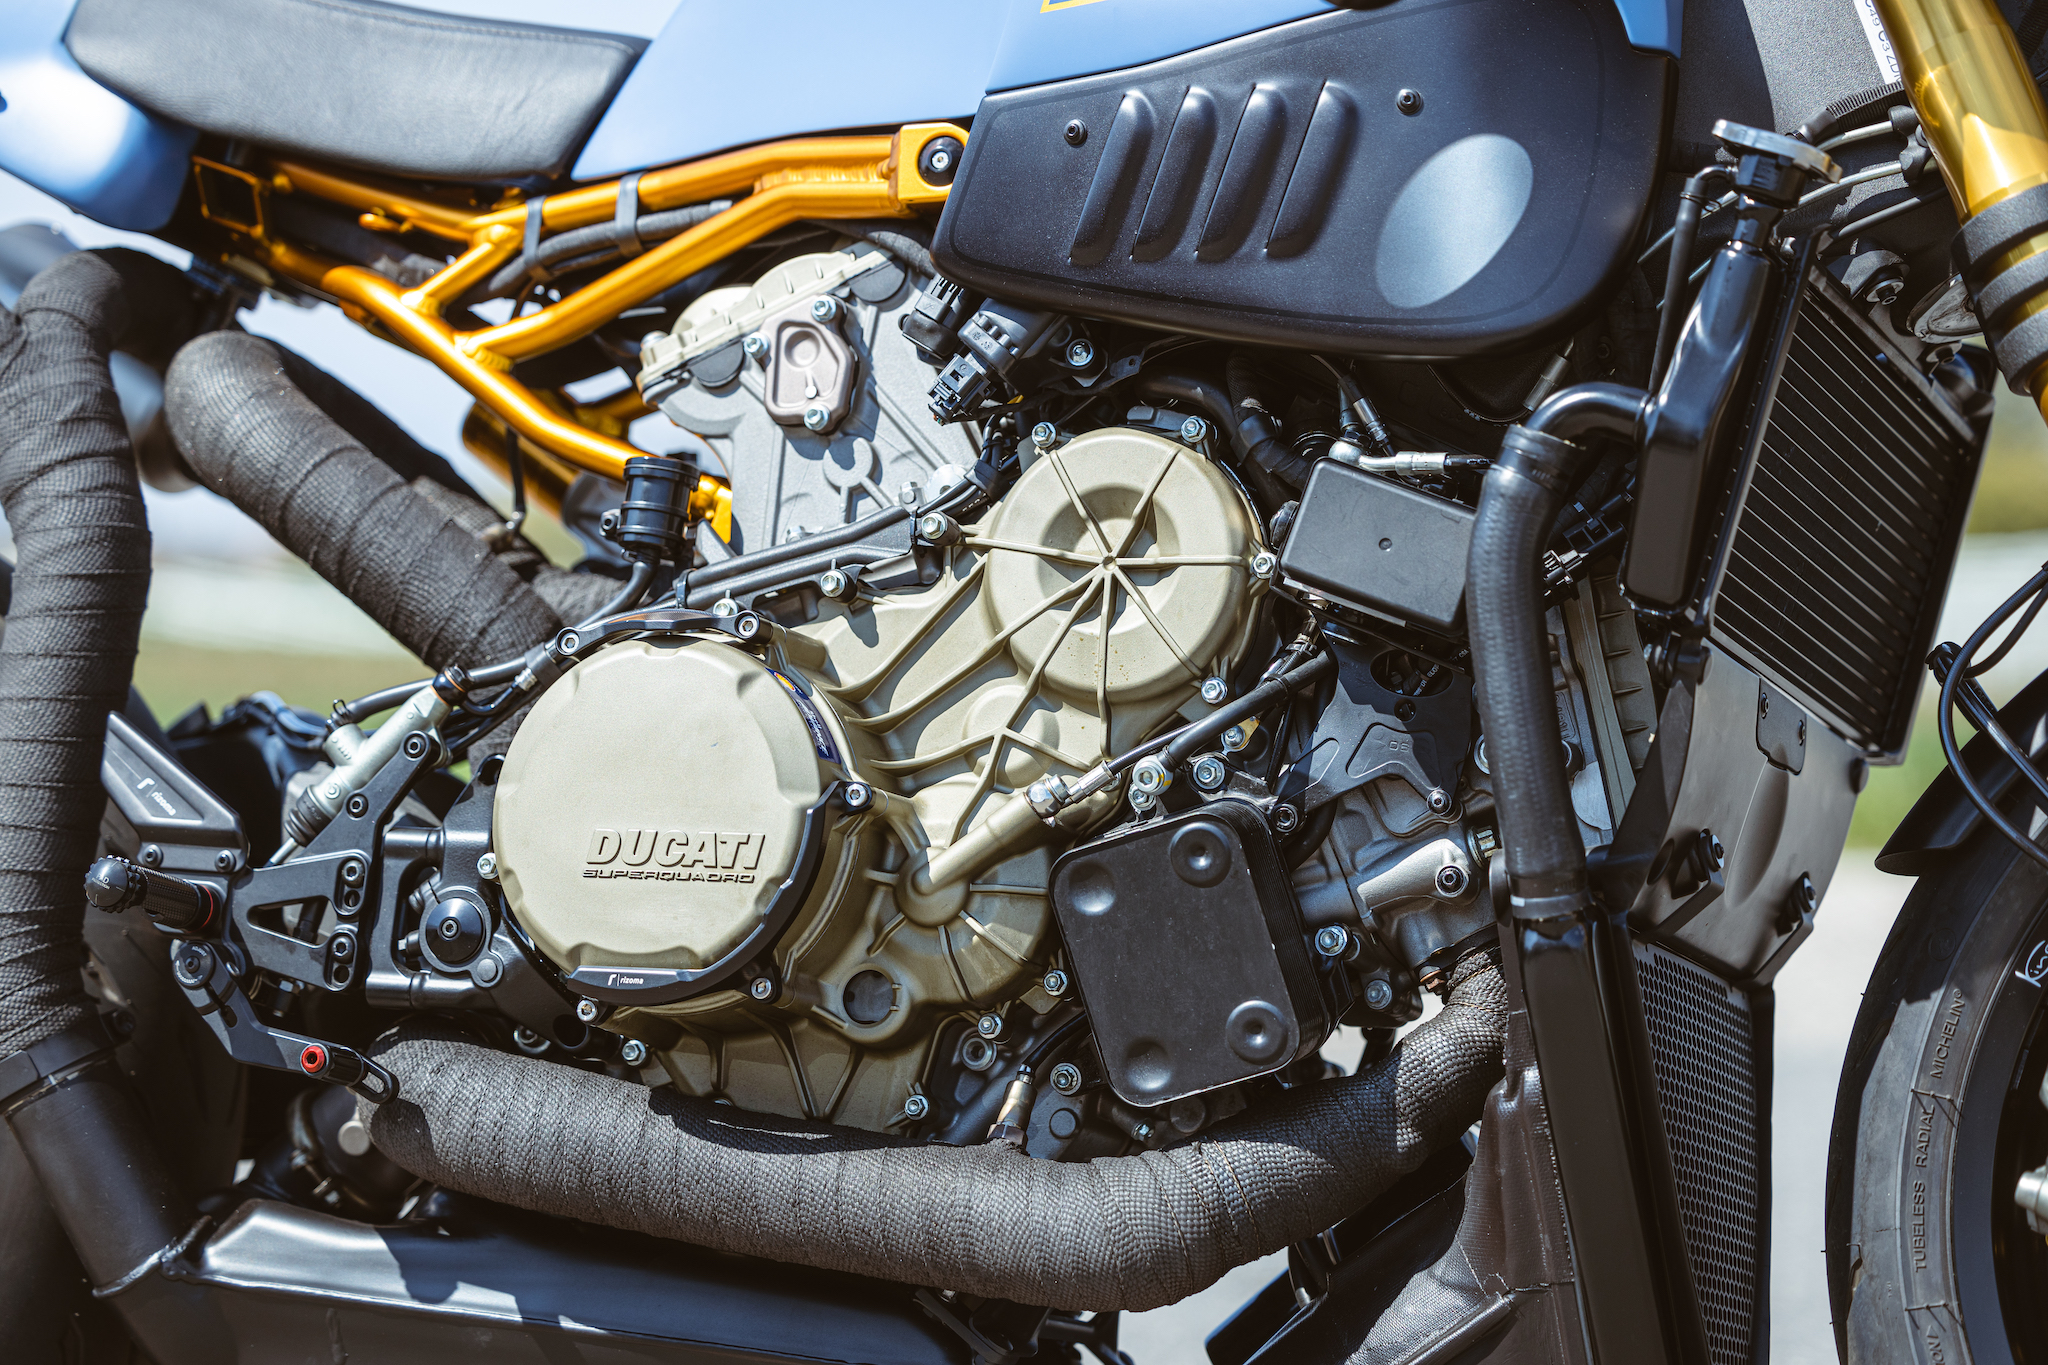 Ducati_Panigale_naked_dream-motos_Madpik-small4